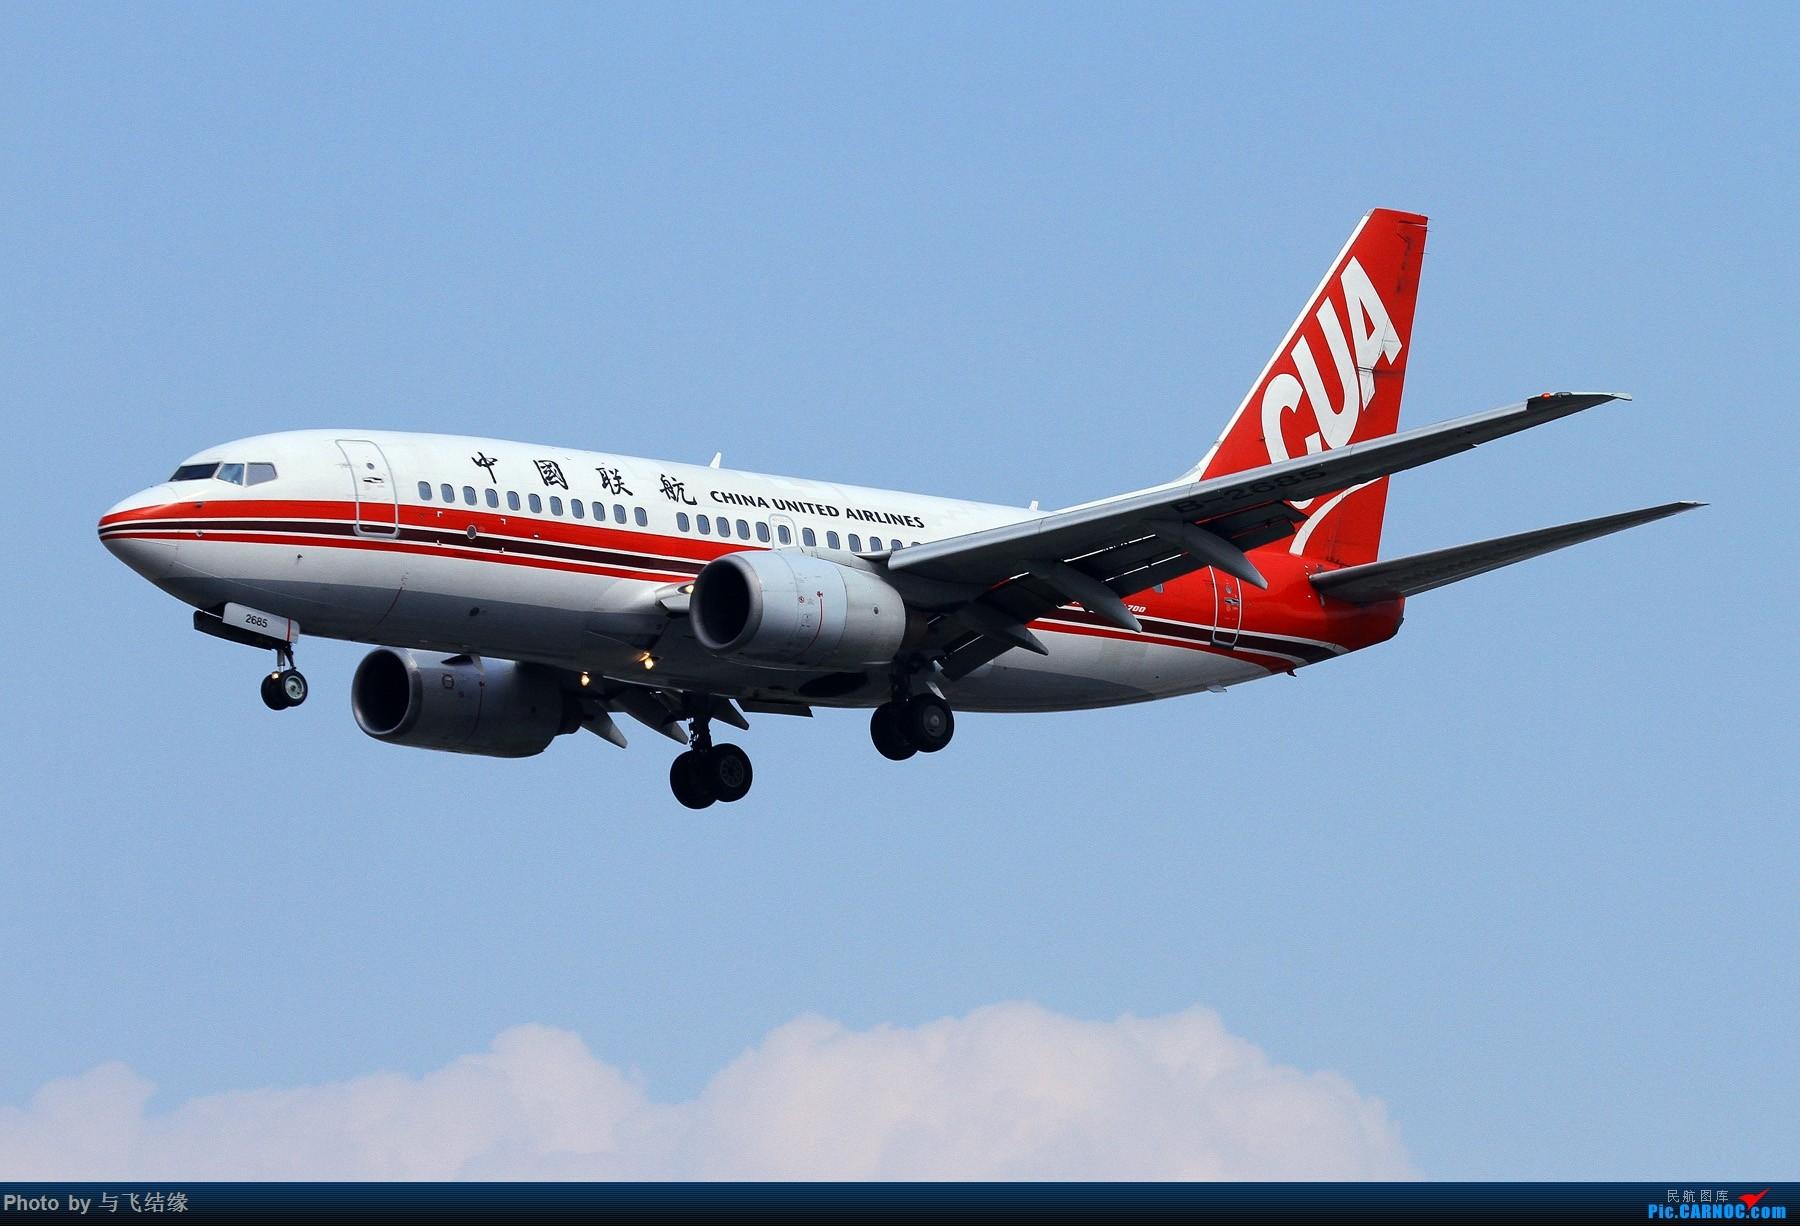 Re:[原创]腾飞的中国联合航空客机! BOEING 737-700 B-2685 中国北京南苑机场